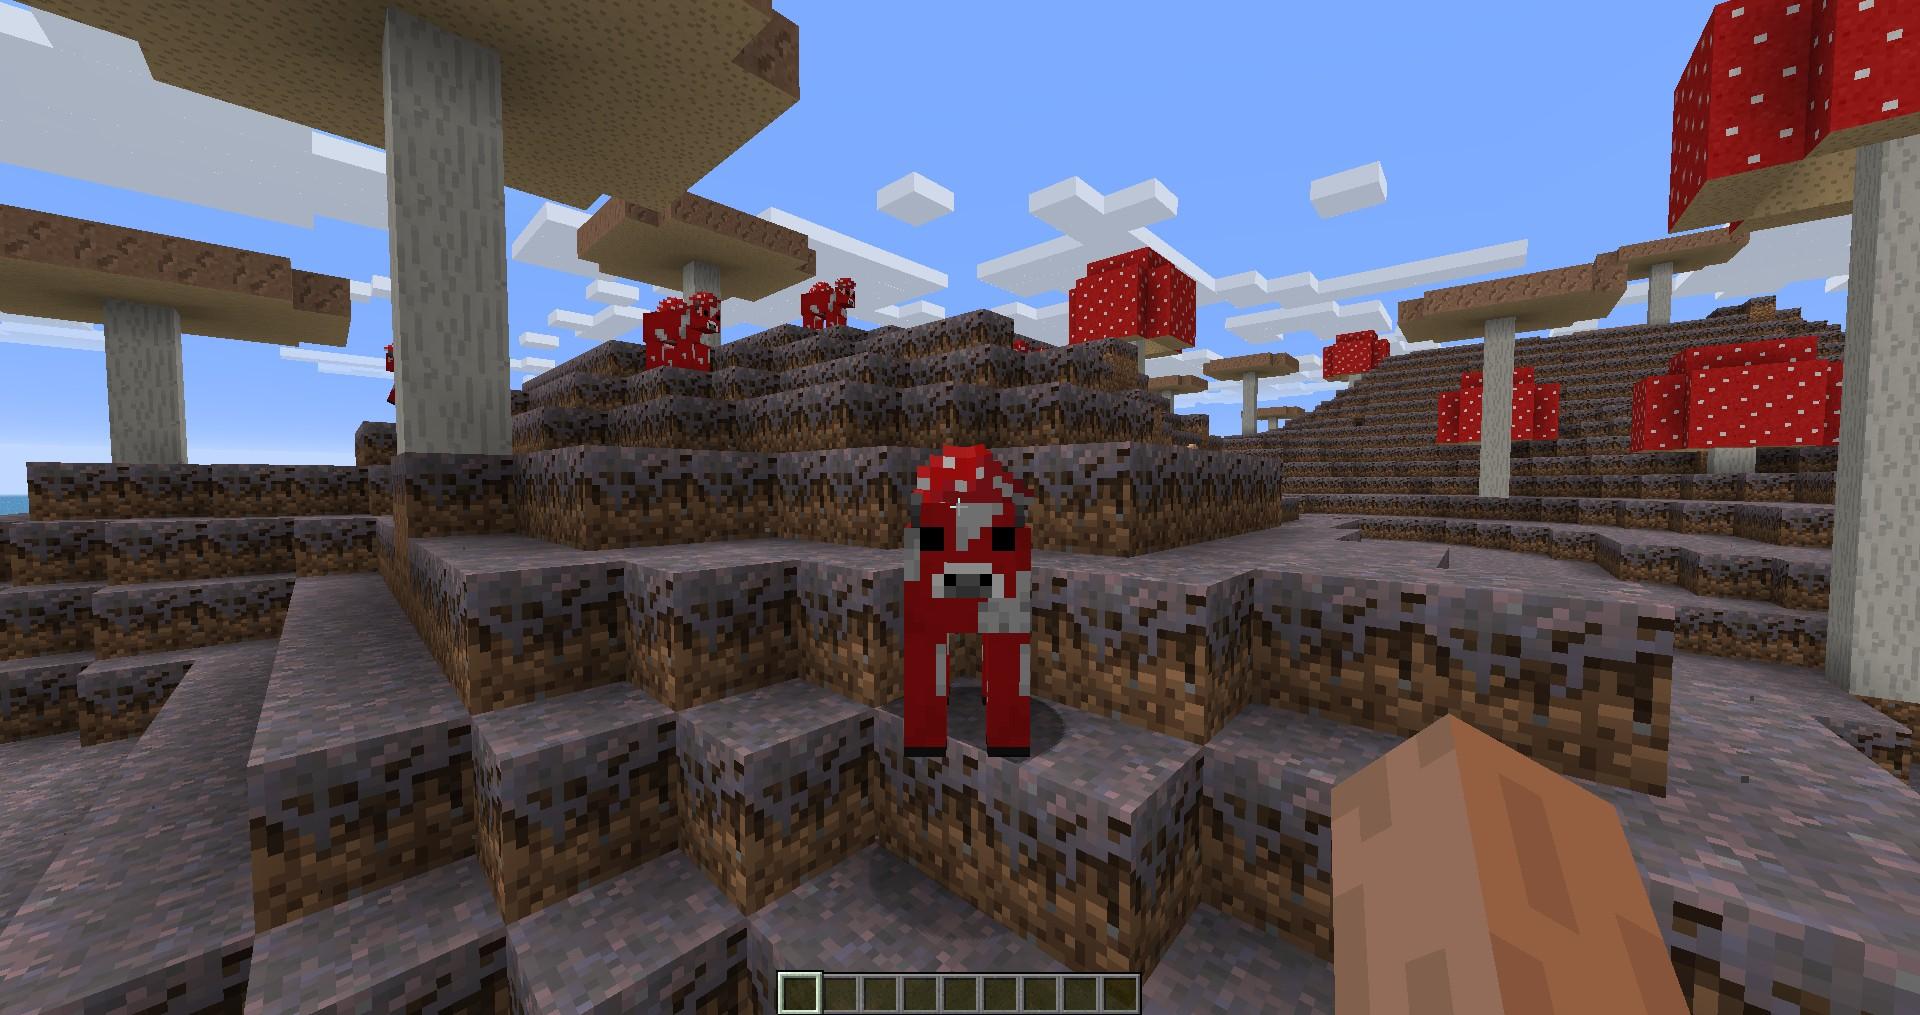 Сид «Редкий грибной биом» - скриншот 2